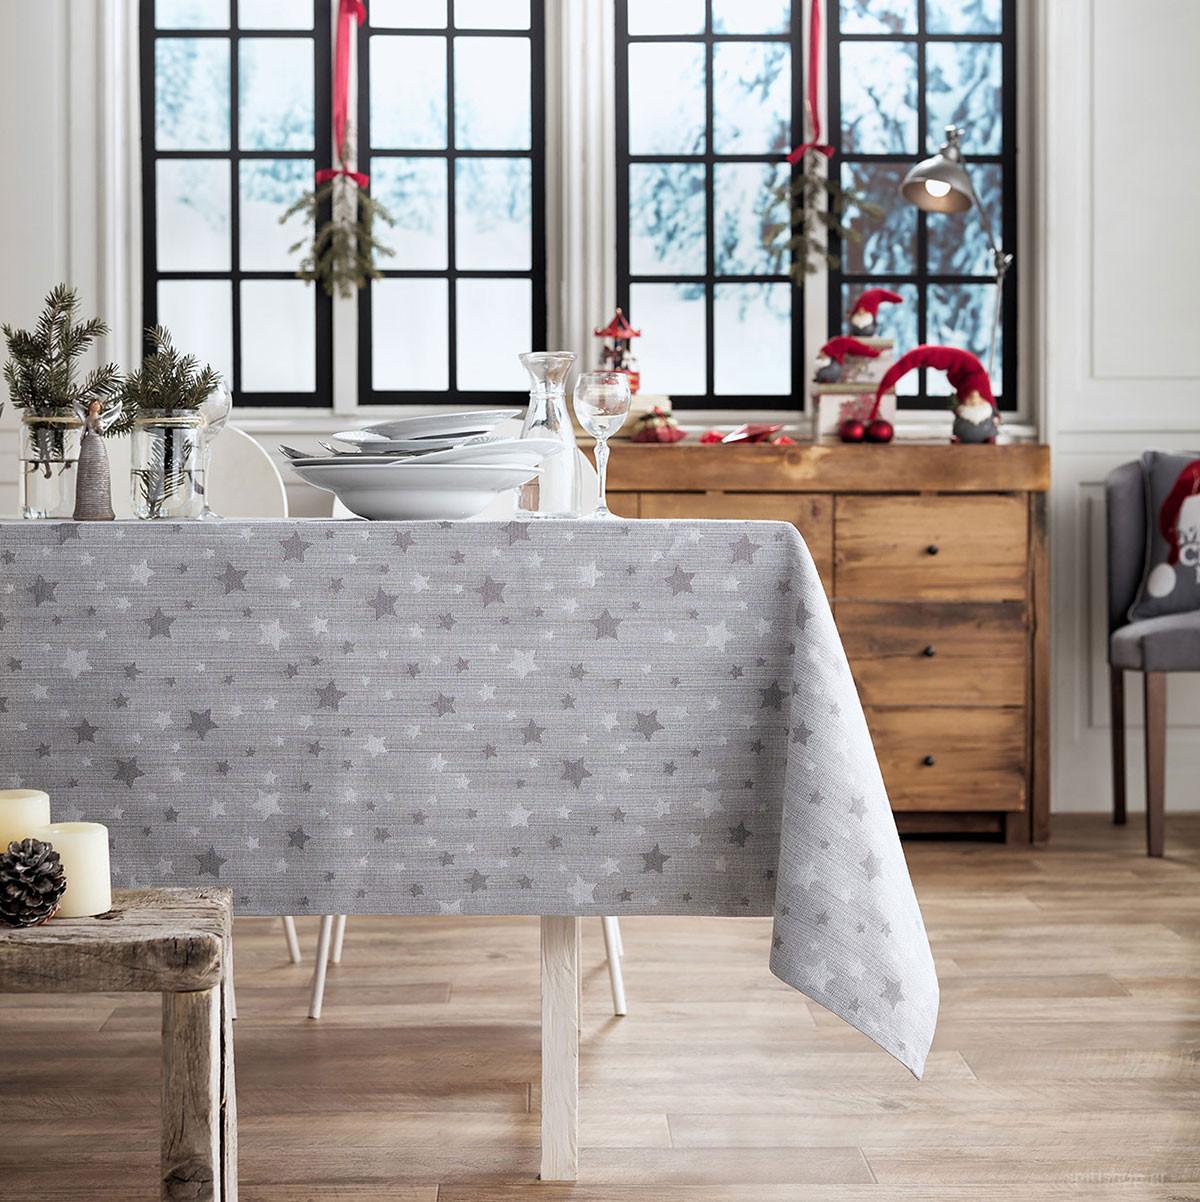 Χριστουγεννιάτικο Τραπεζομάντηλο (135×310) Gofis Home 901/15